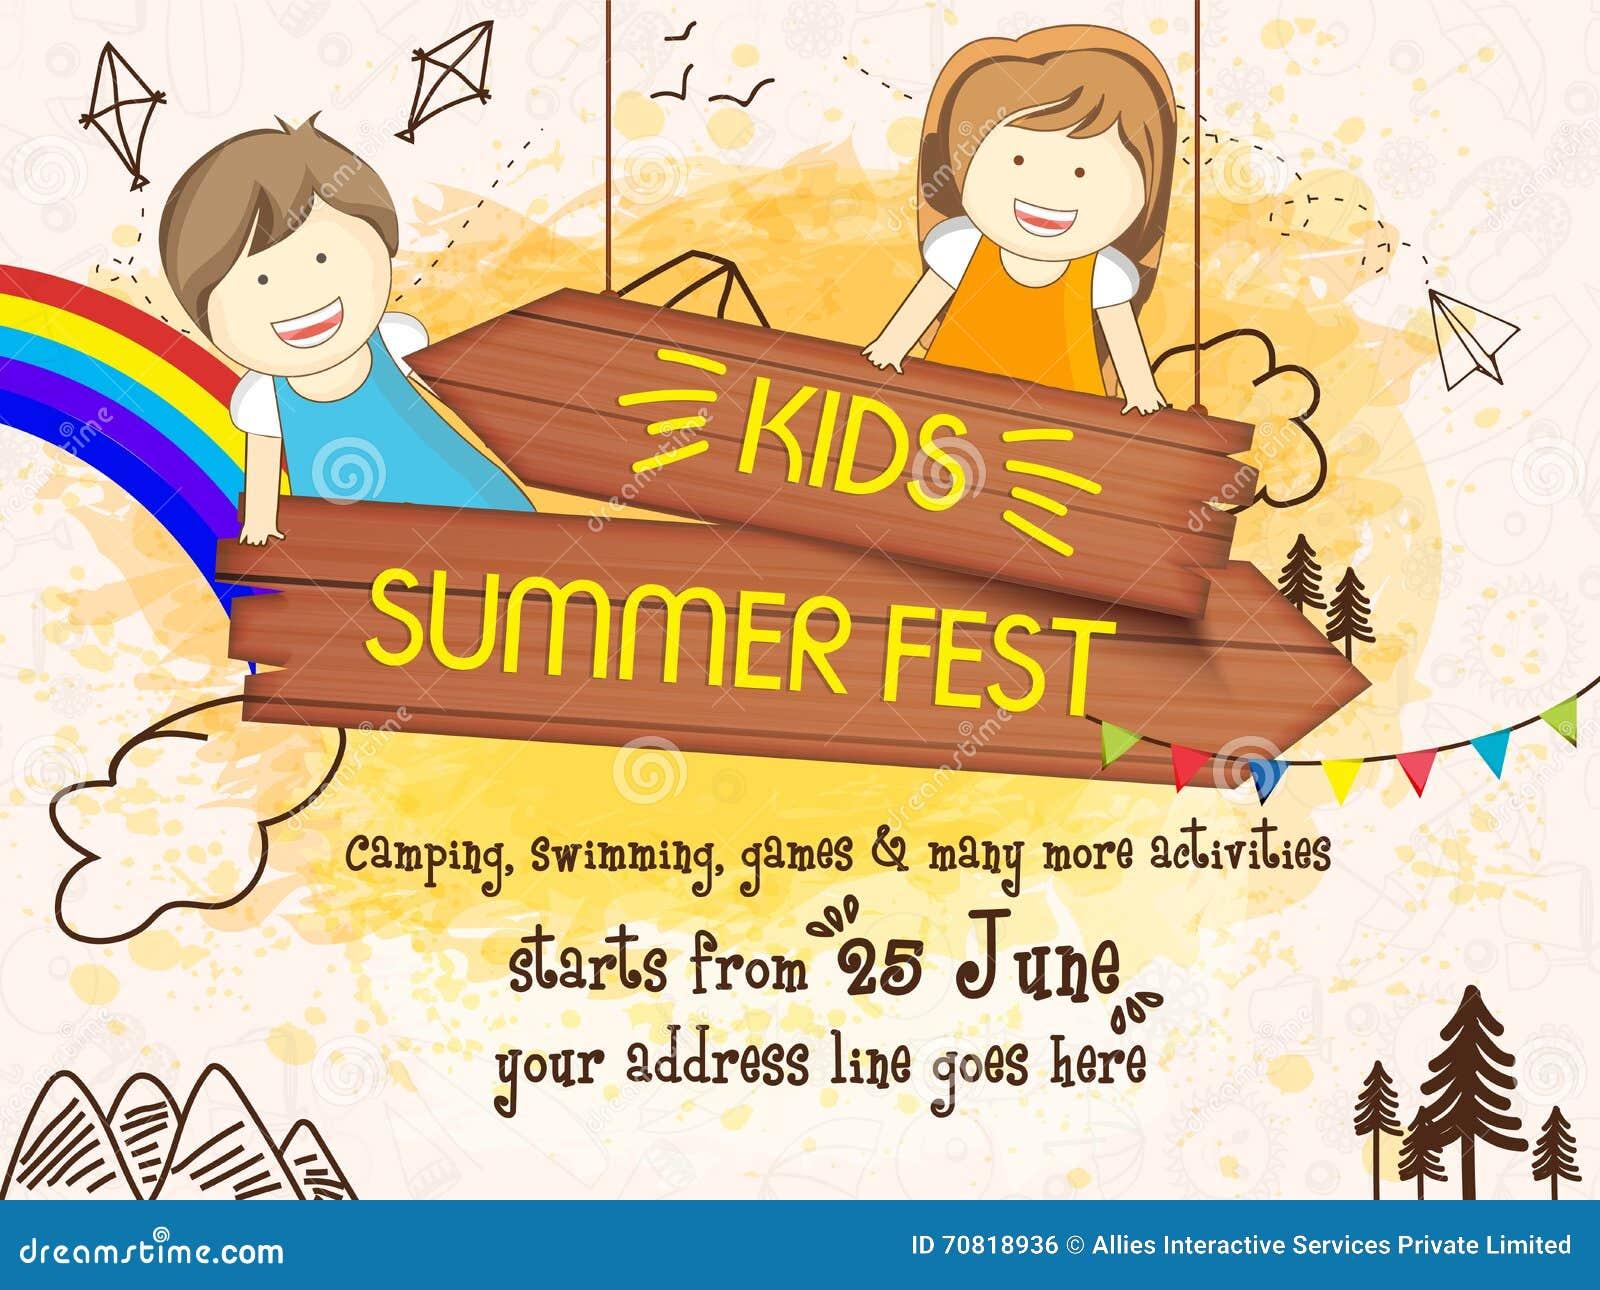 Kids Summer Fest Flyer Poster Or Banner Design